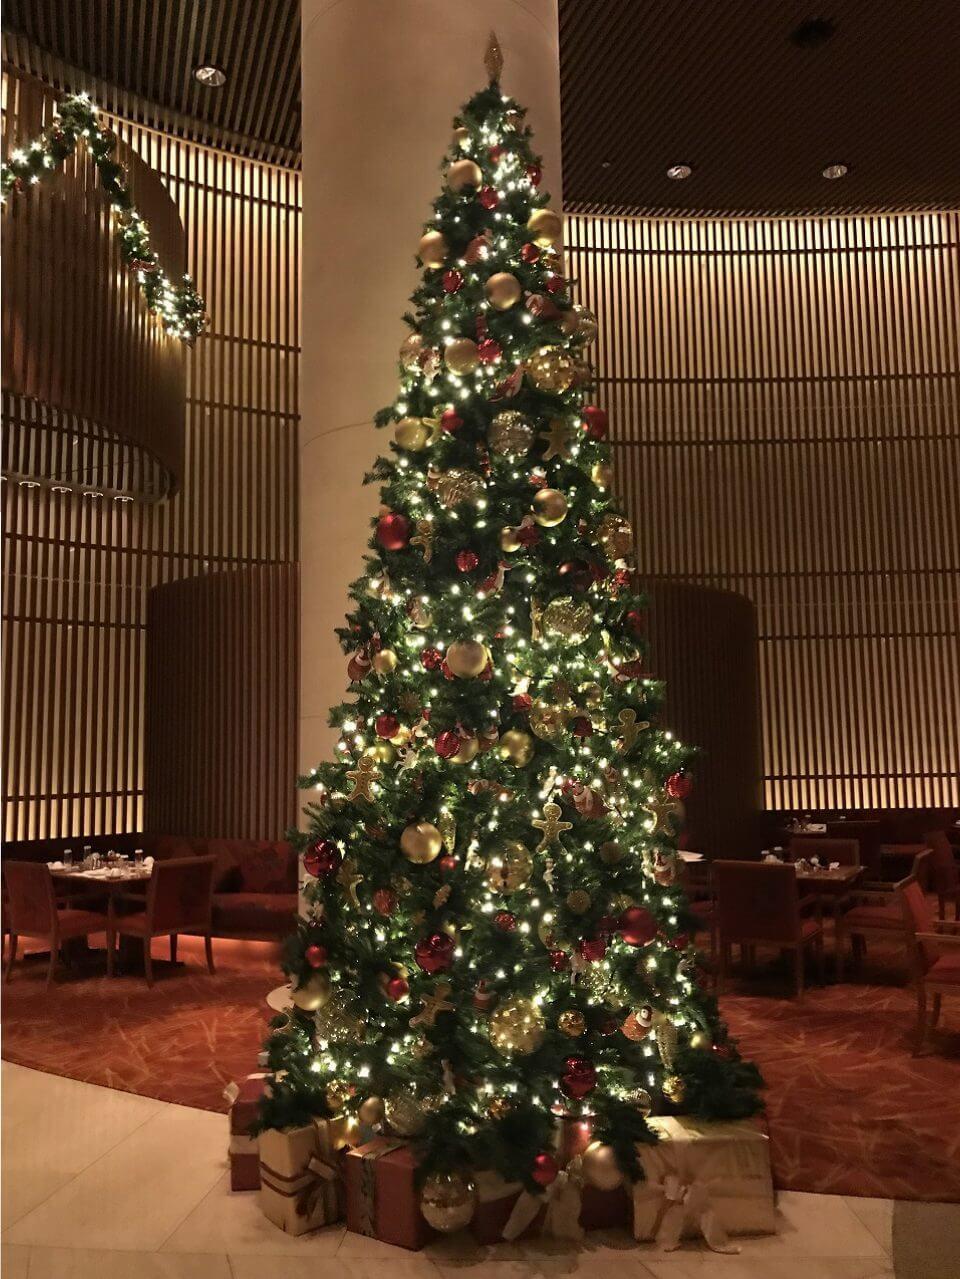 ペニンシュラ宿泊体験記 14クリスマス2